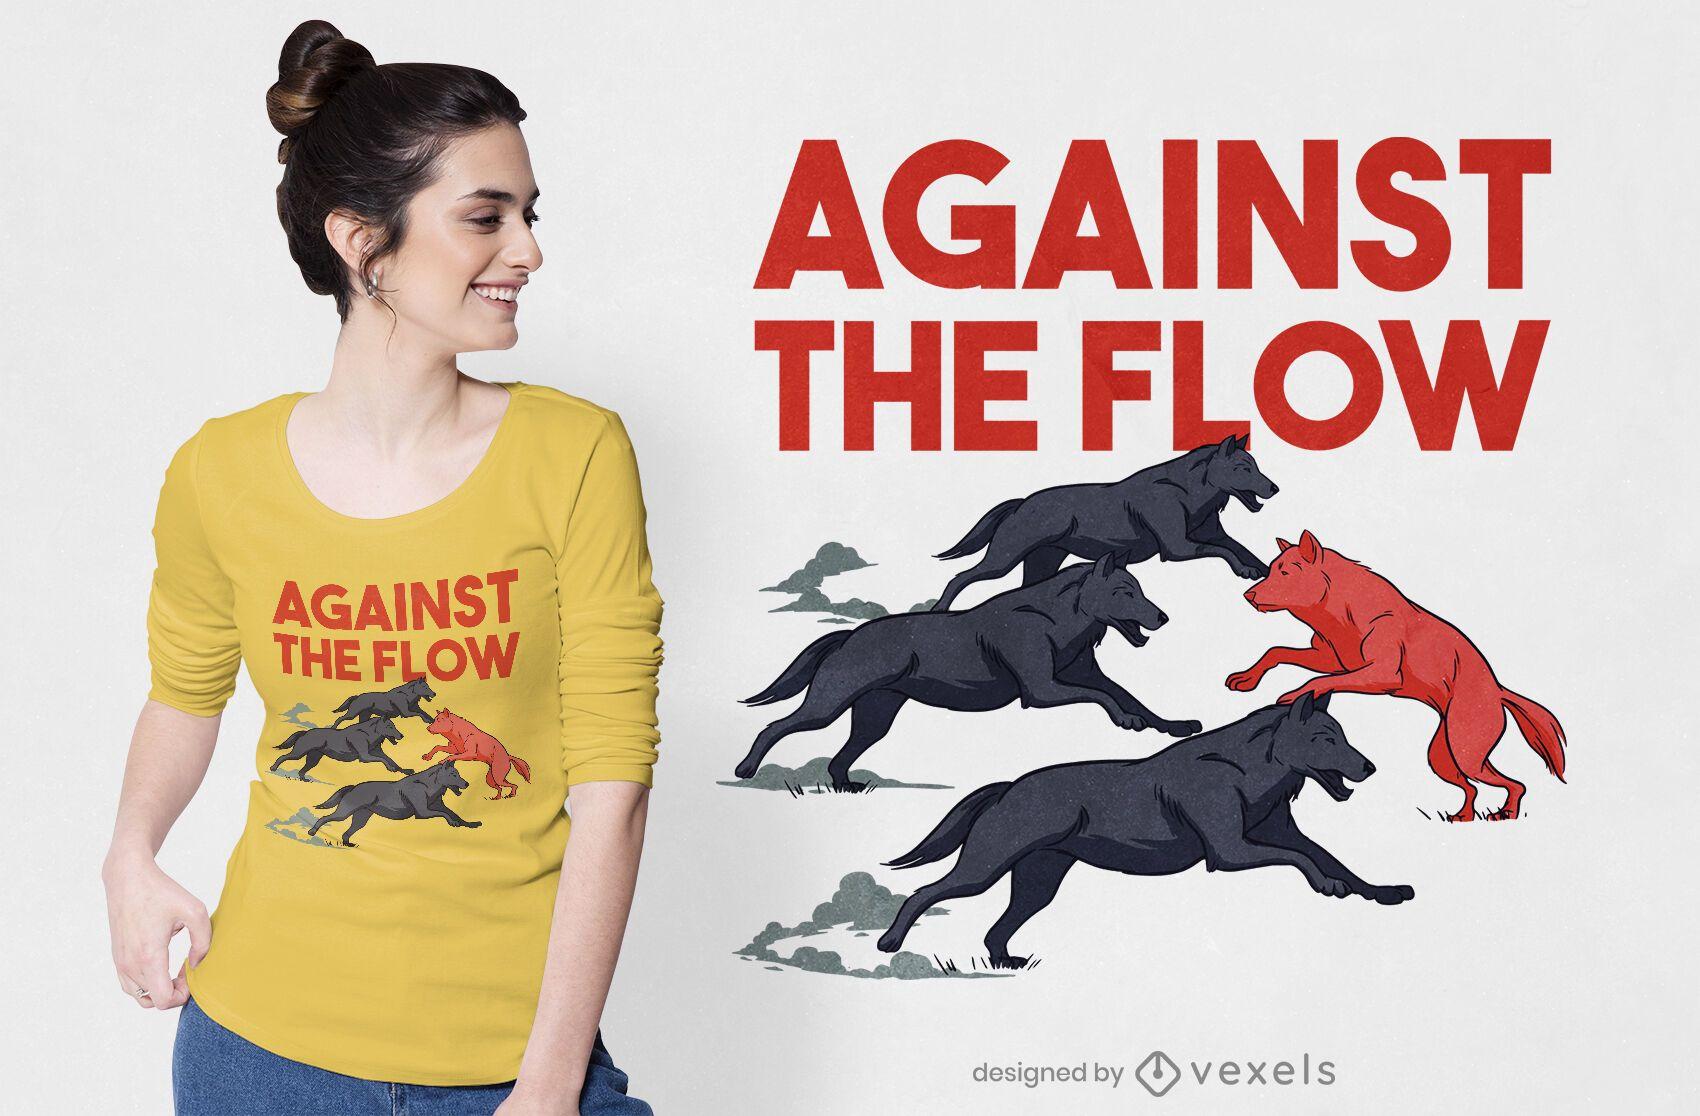 Against the flow t-shirt design